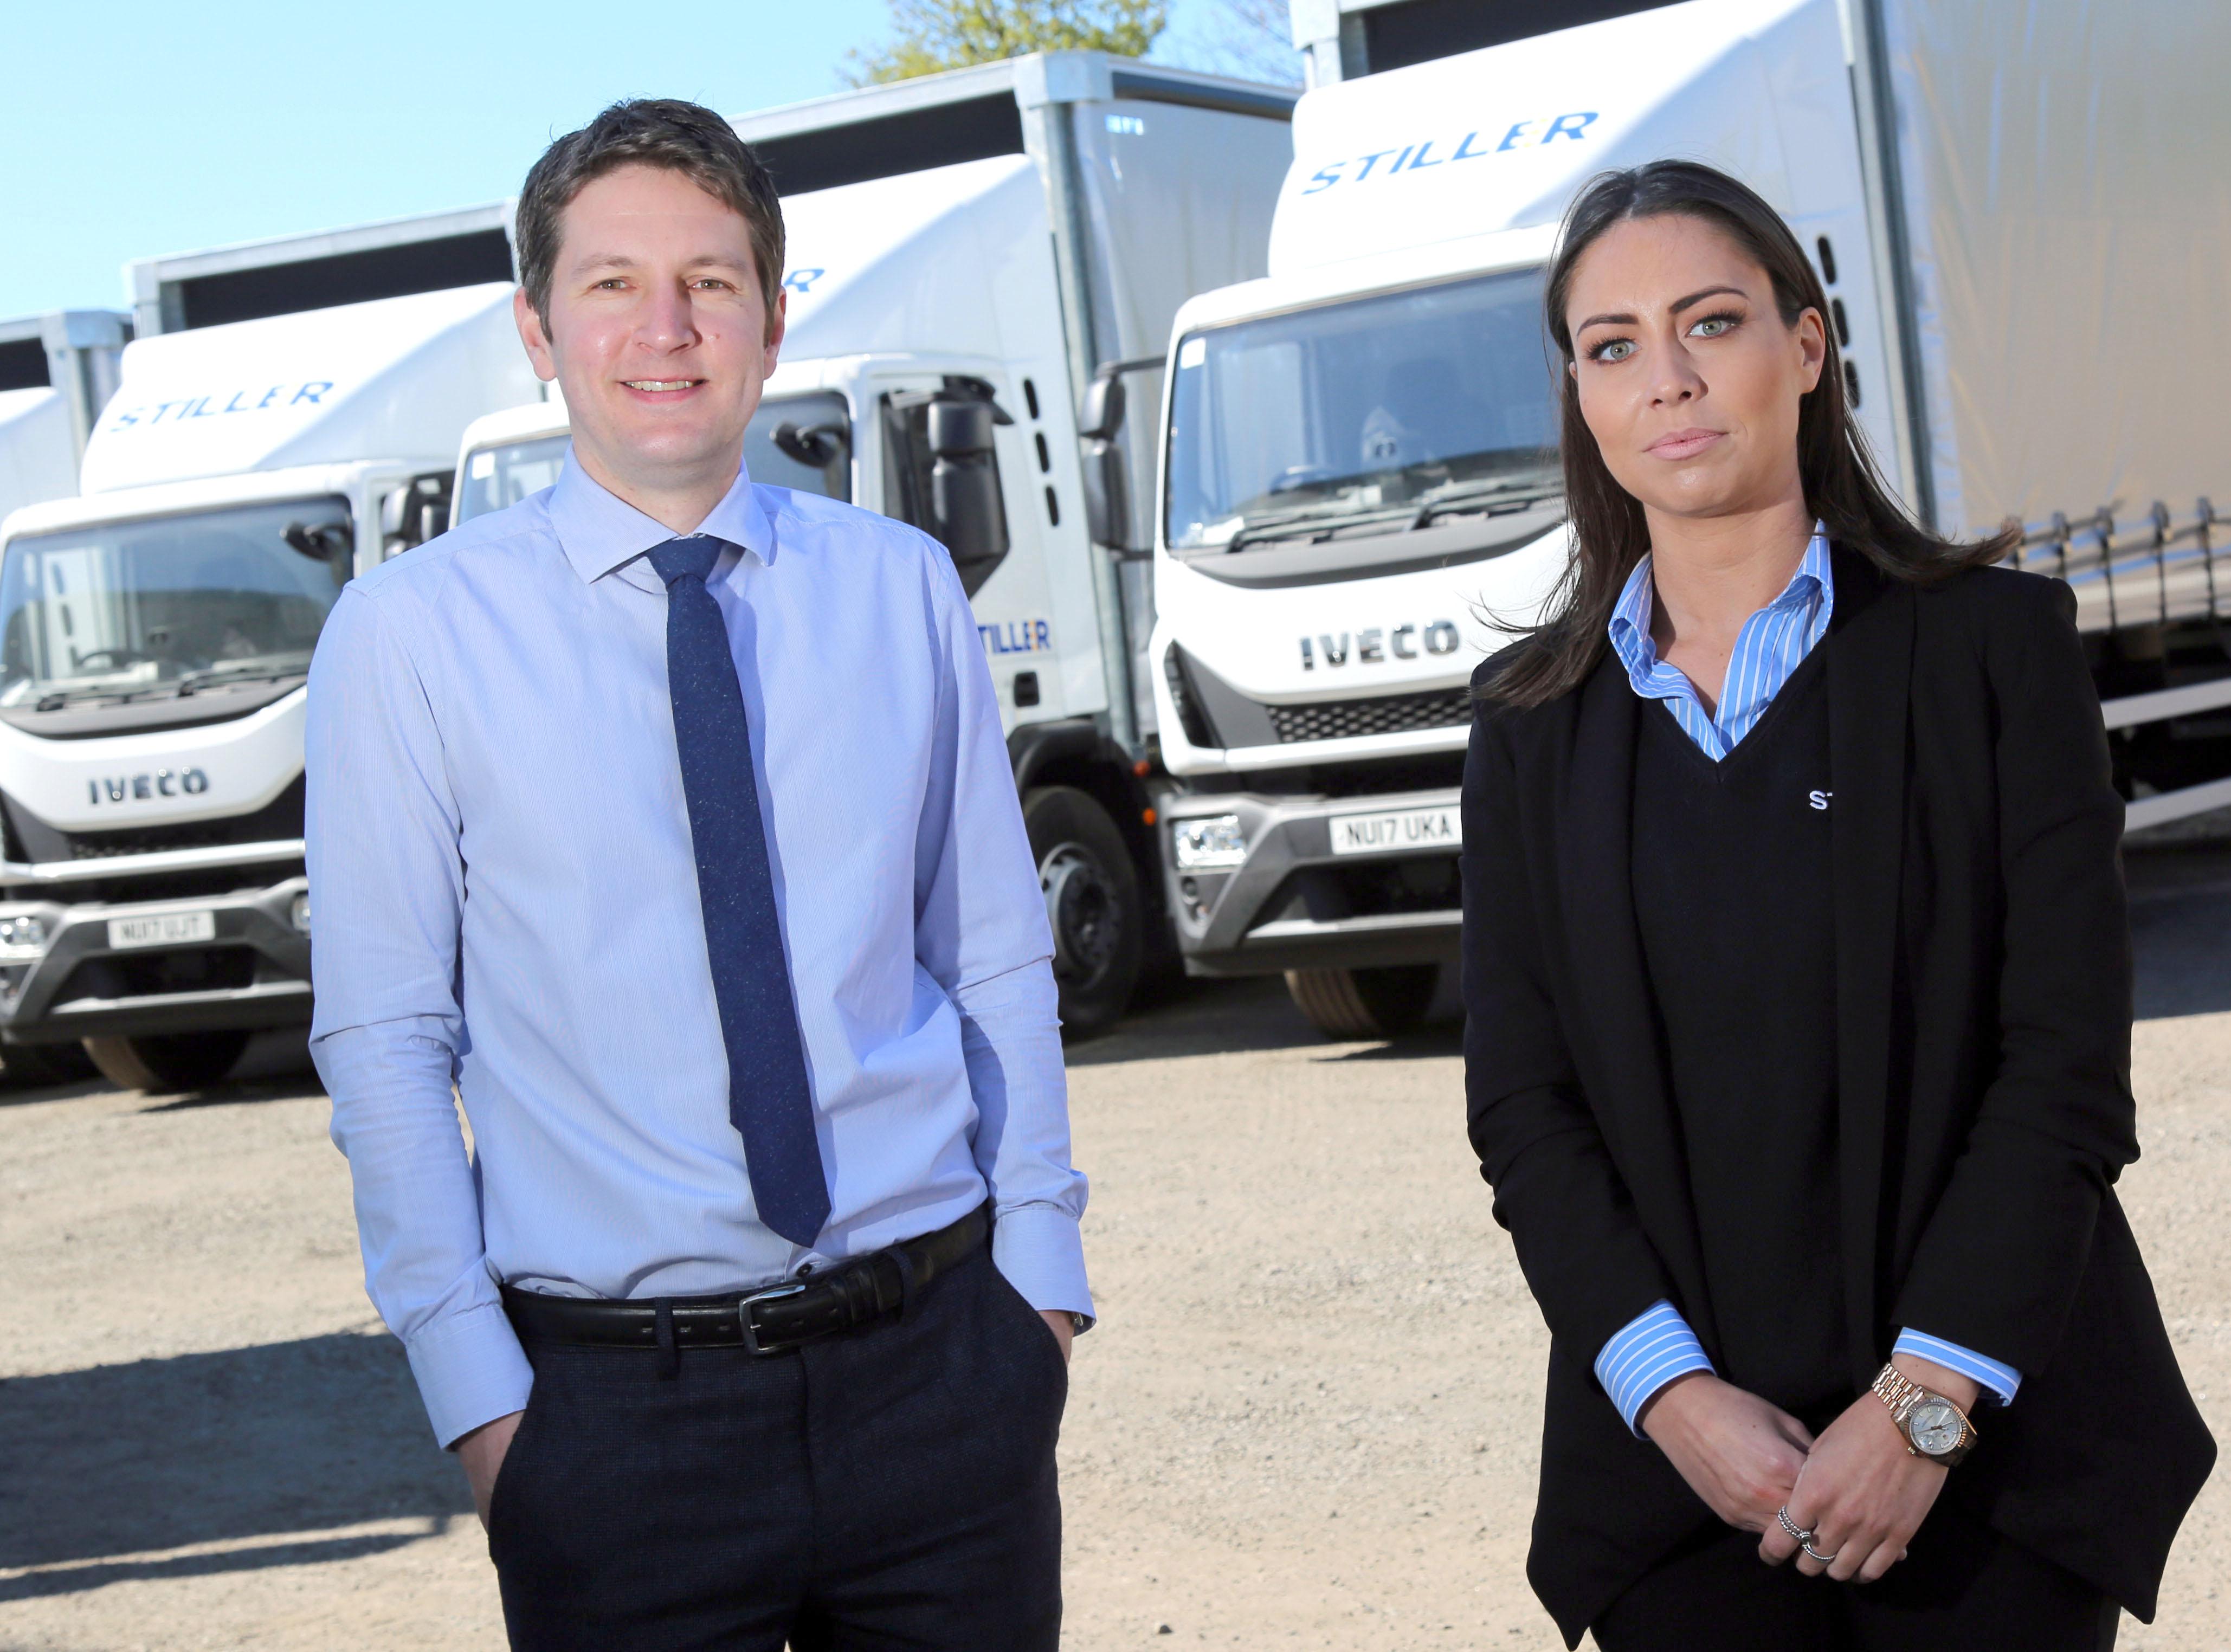 Stiller Invests £280K In New Ultra-Safe Trucks